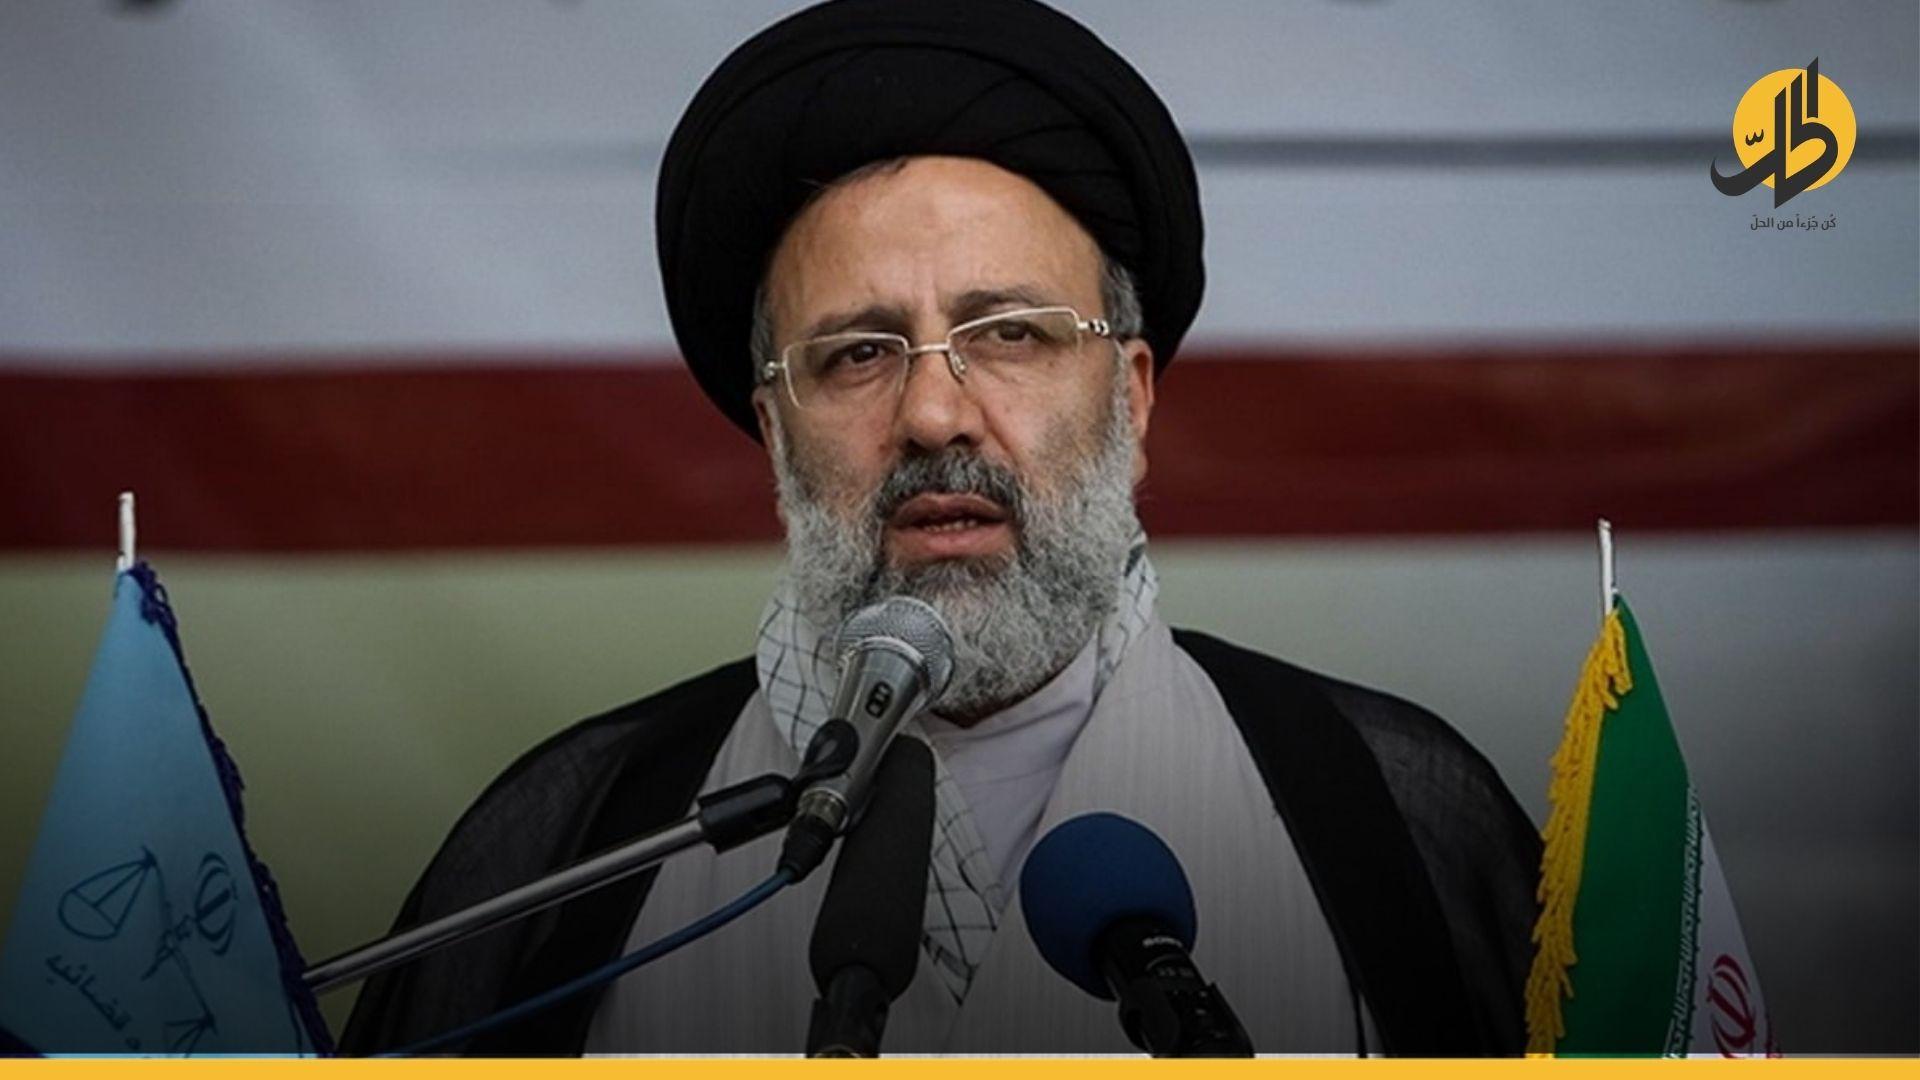 تقرير أميركي: إيران في عهد رئيسي ستكون أكثر عدائية